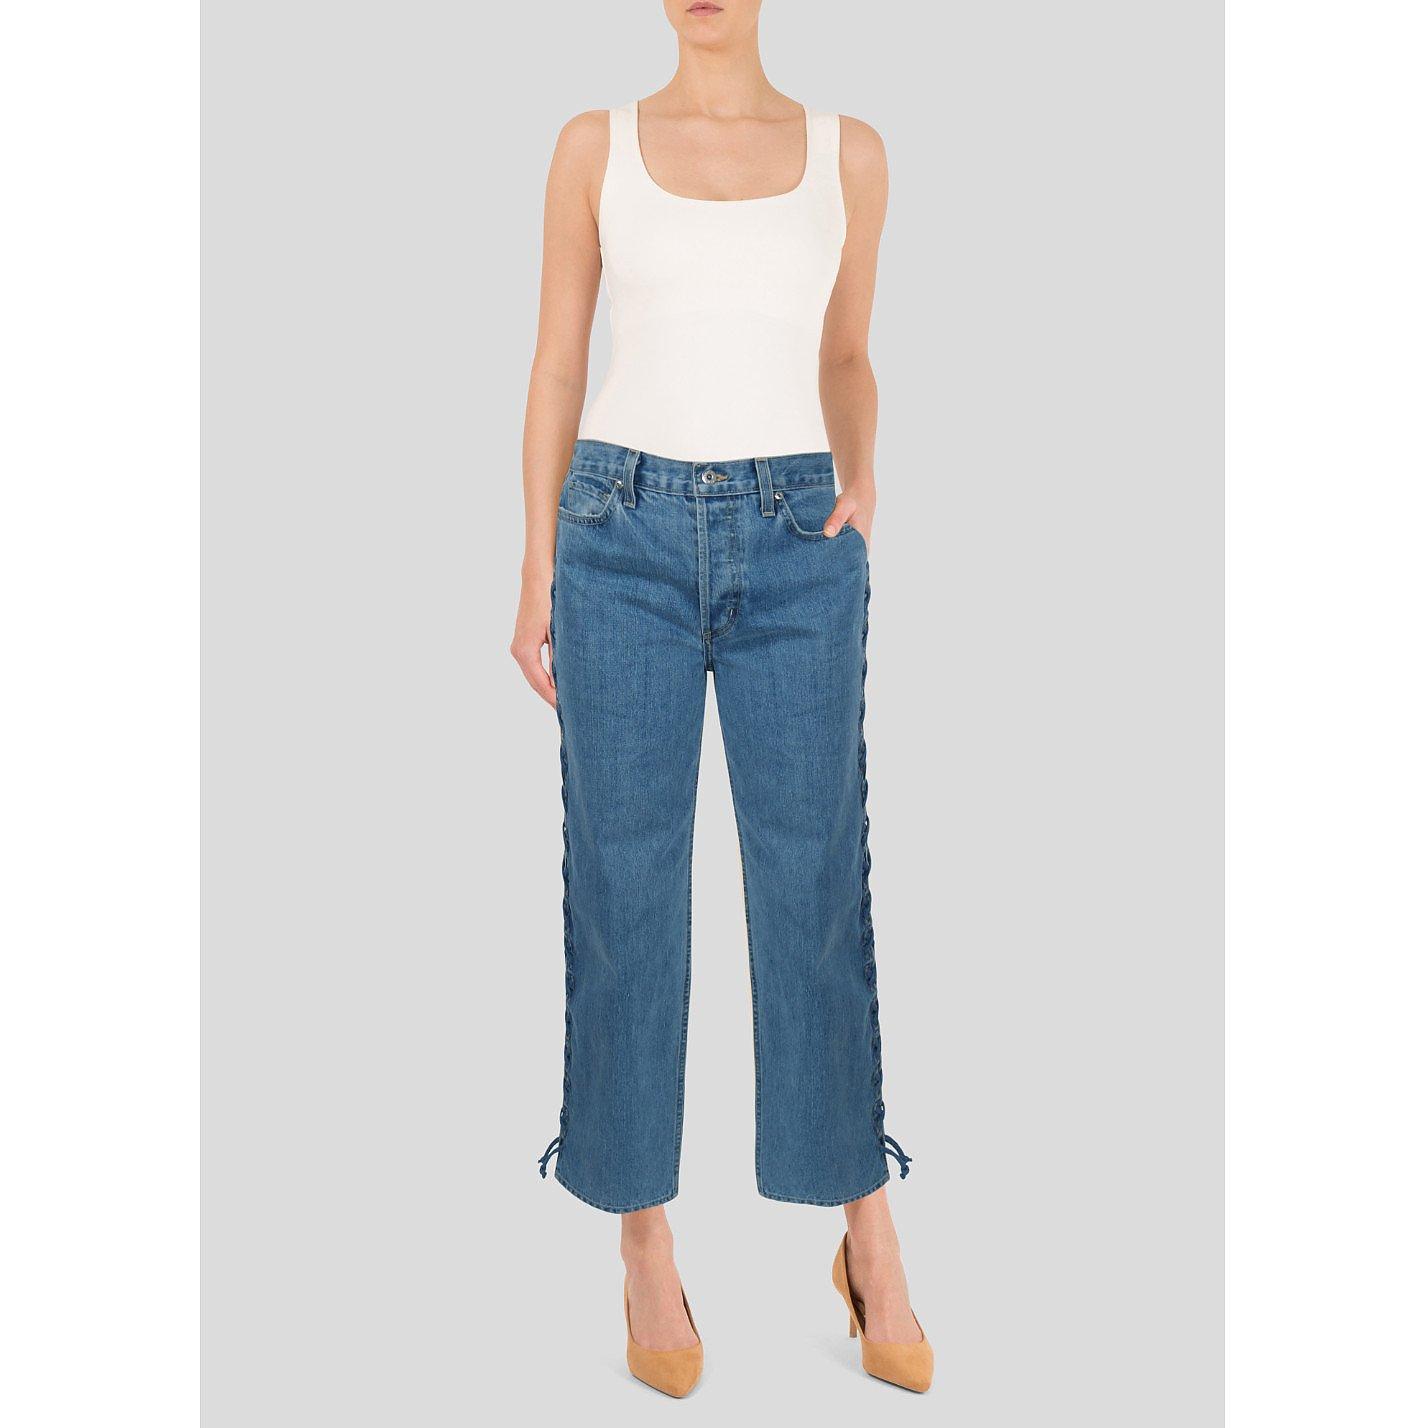 Jonathan Simkhai Braided Jeans